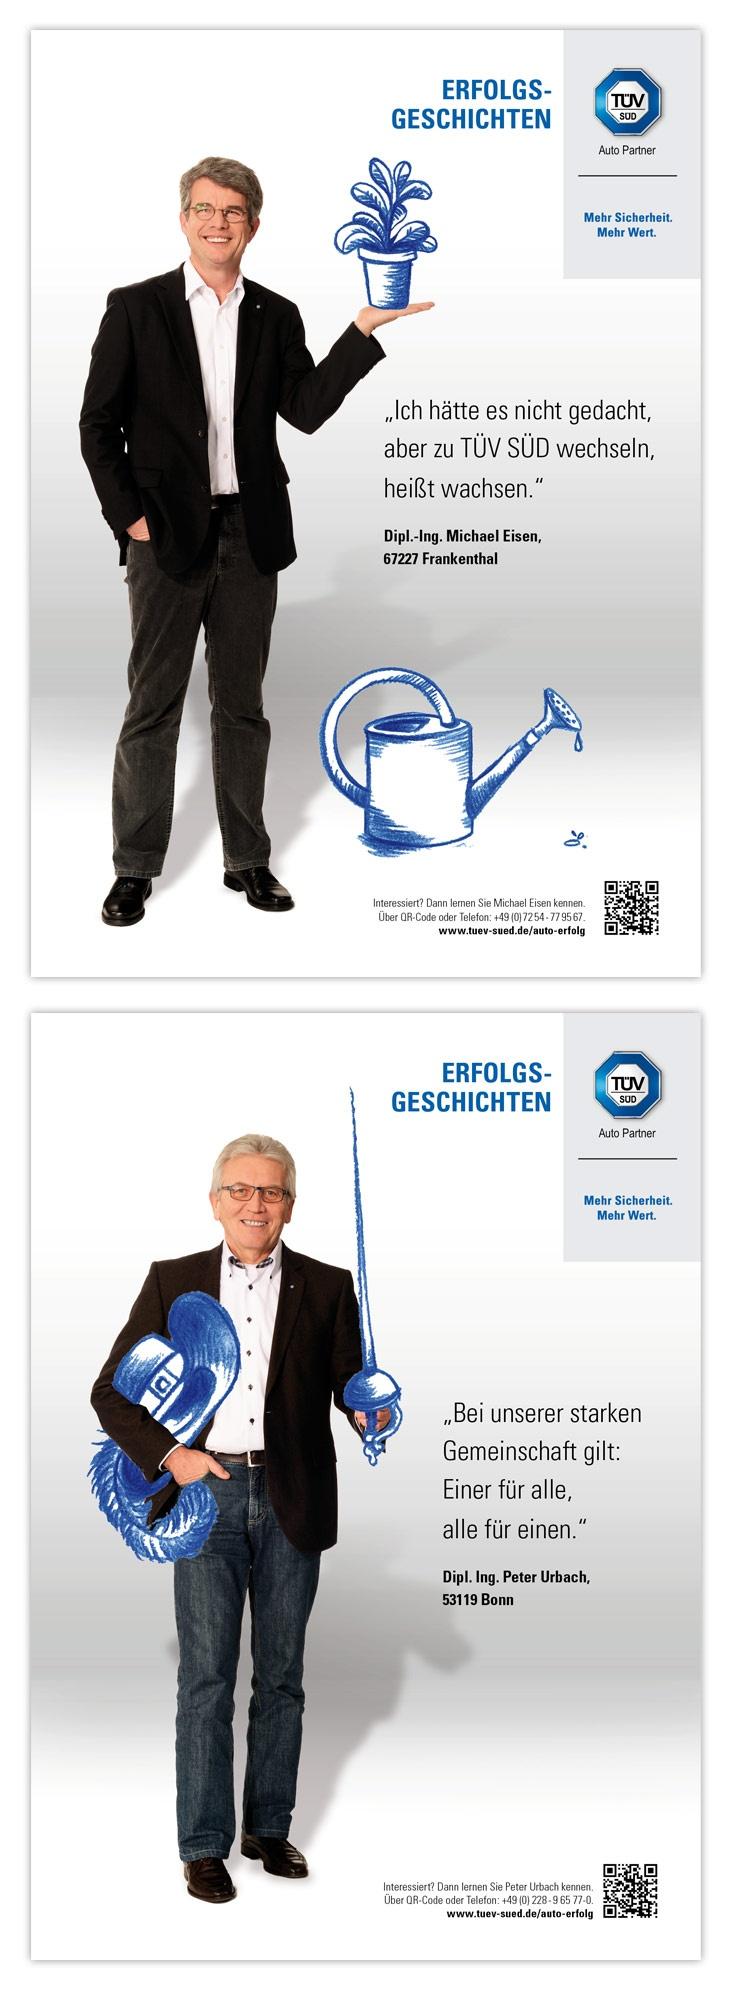 TÜV SÜD Auto Partner. Kampagne zur Partnergewinnung 2013. Anzeigen.